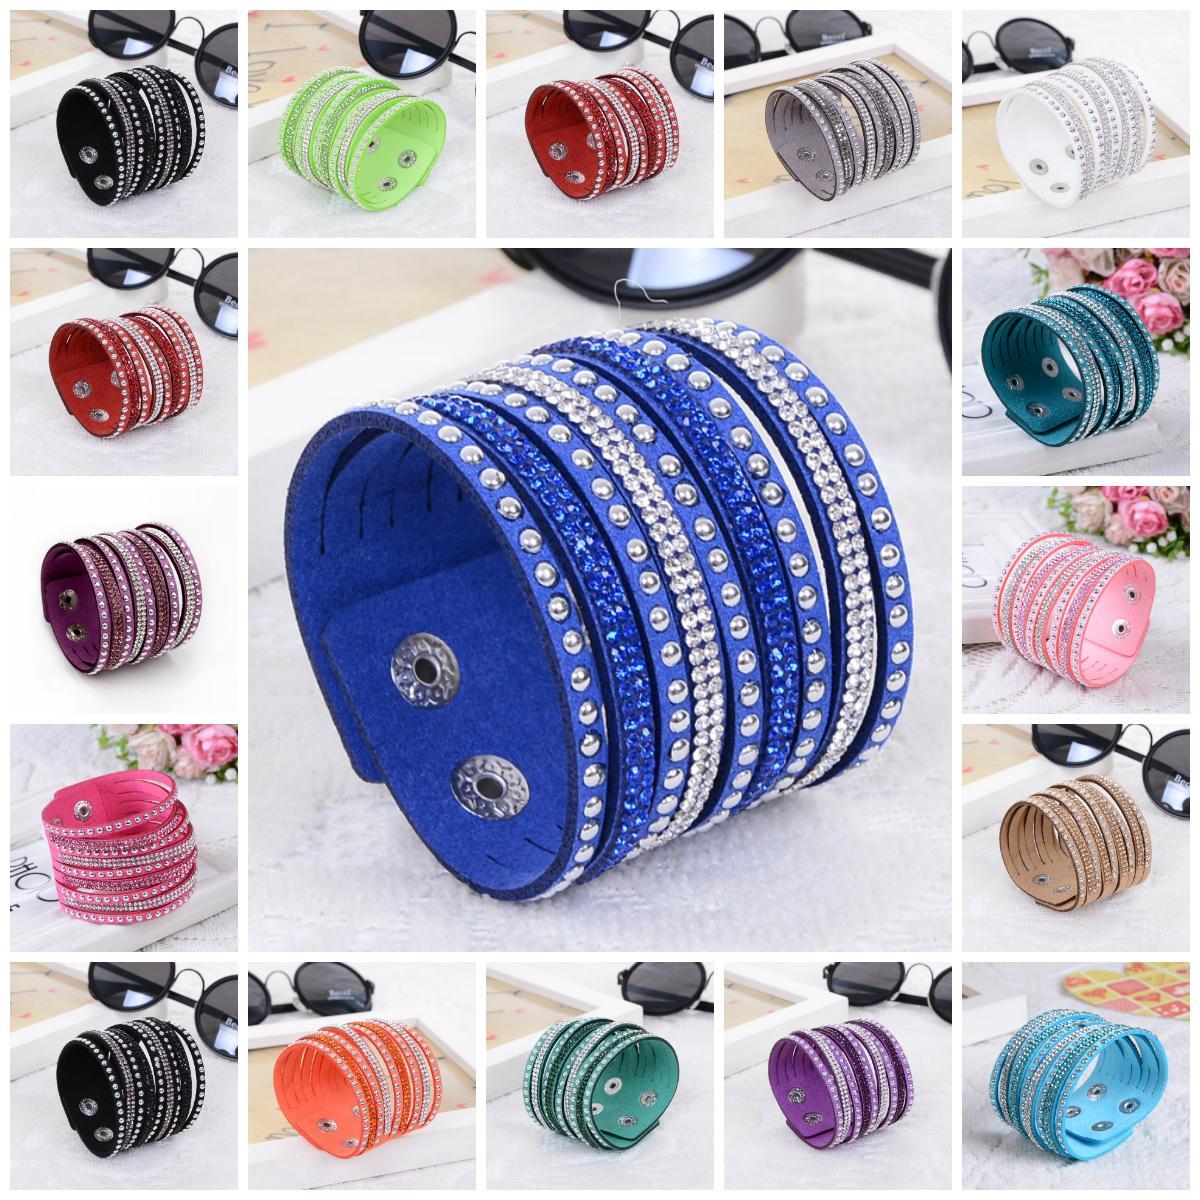 Bracelet à breloques pour femmes brillantes multicouche en cuir strass cristal Bracelet en cuir blanc / noir / bleu boutons Bracelet en cuir